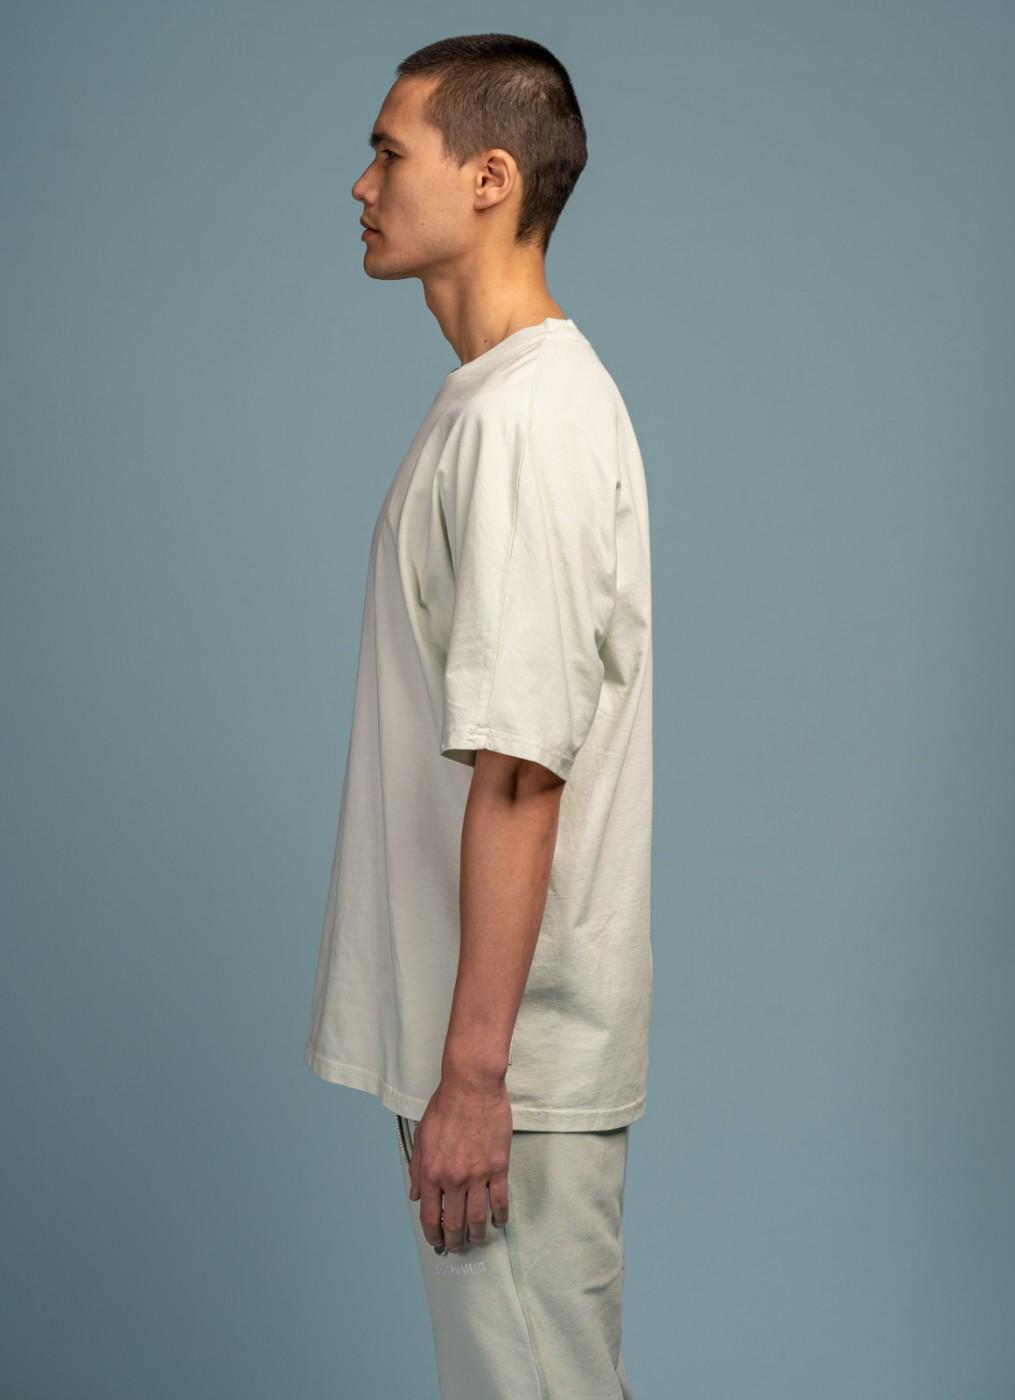 ER Peety - t-shirt